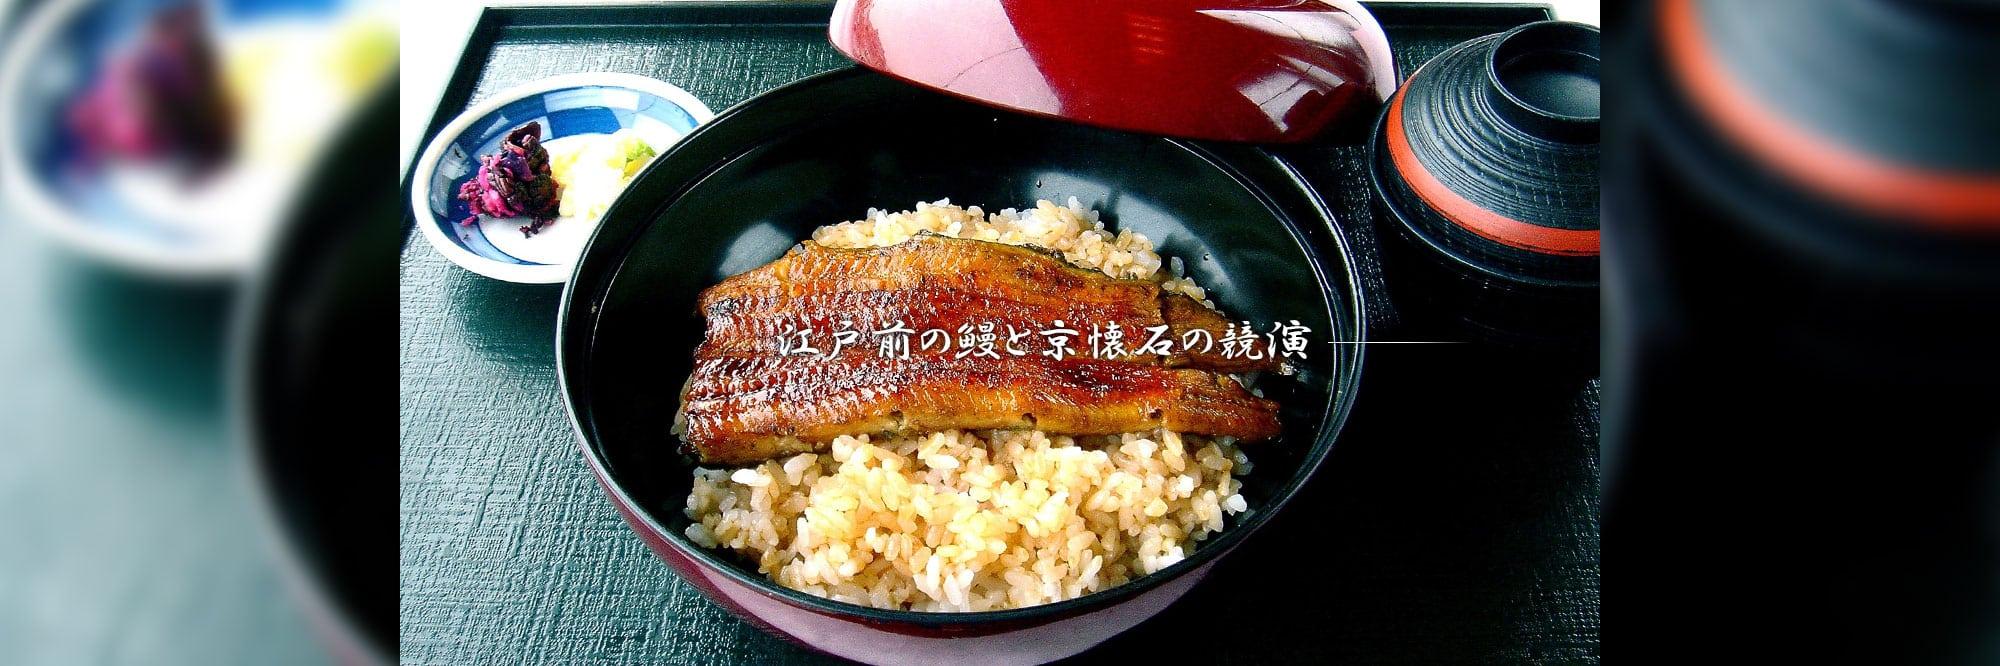 京都花街先斗町美食整理(燒肉,炸牛排,壽司…)